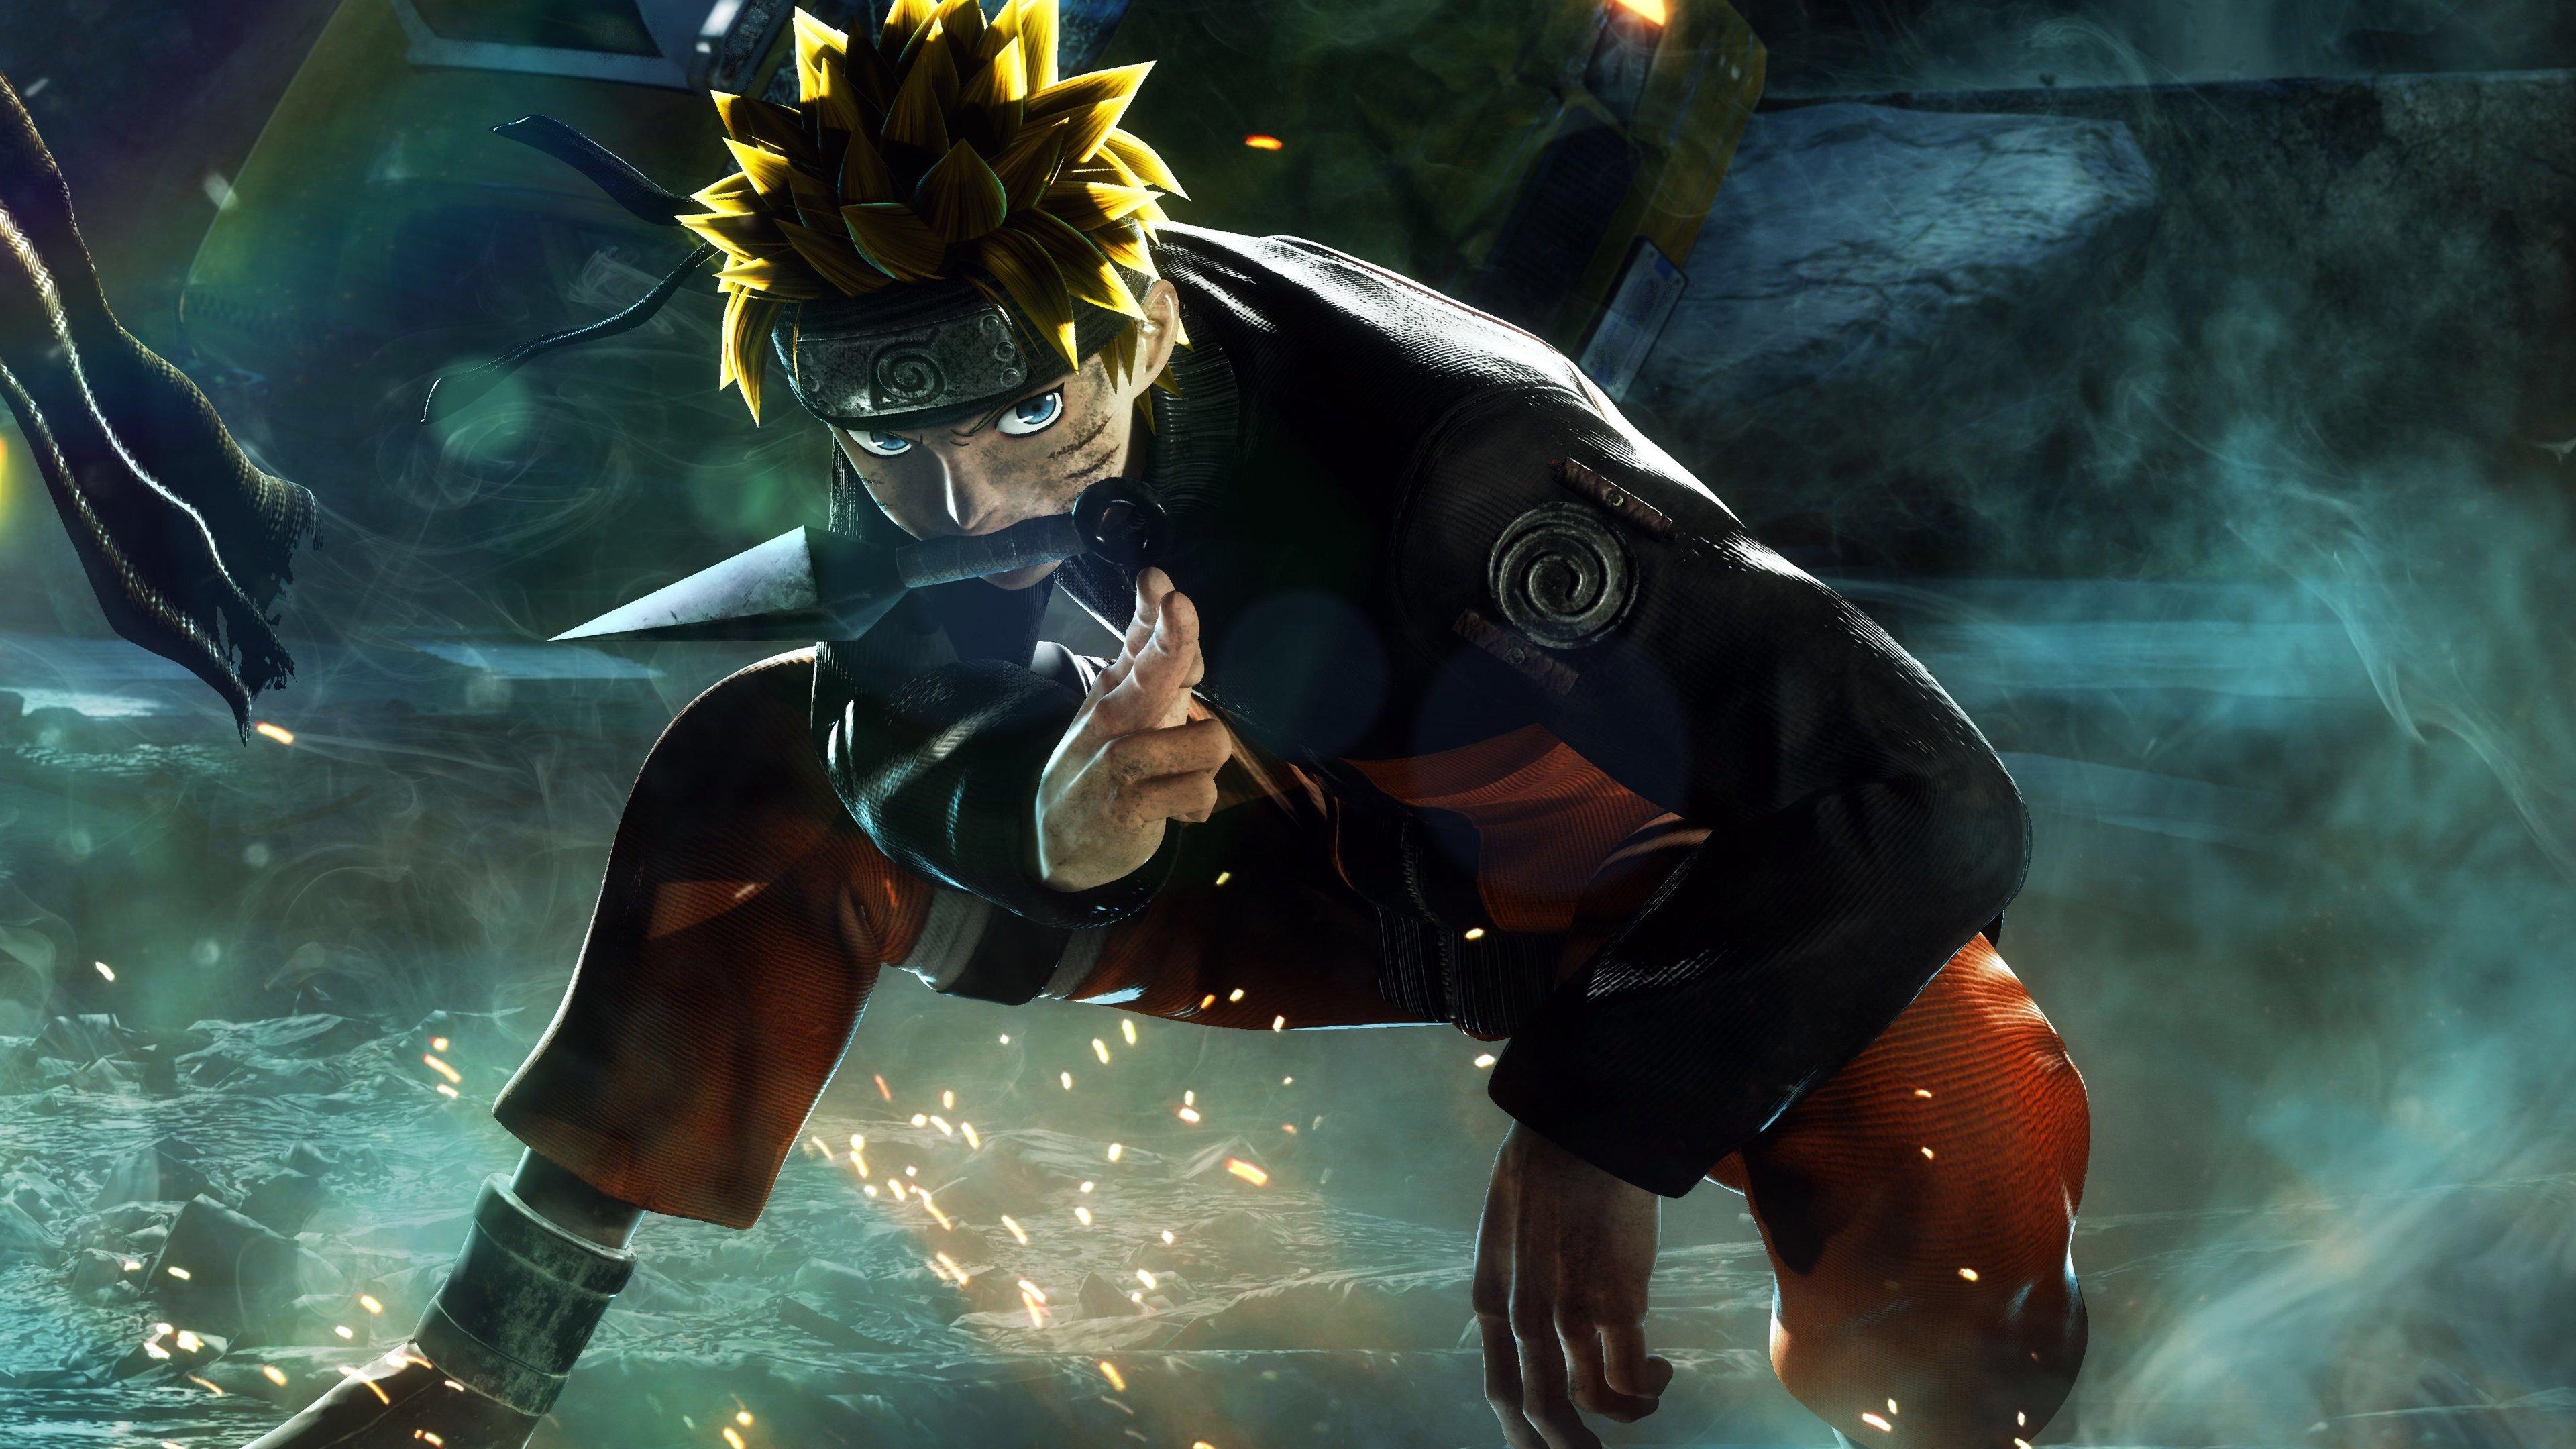 Fondos de pantalla Anime Naruto en juego Jump Force